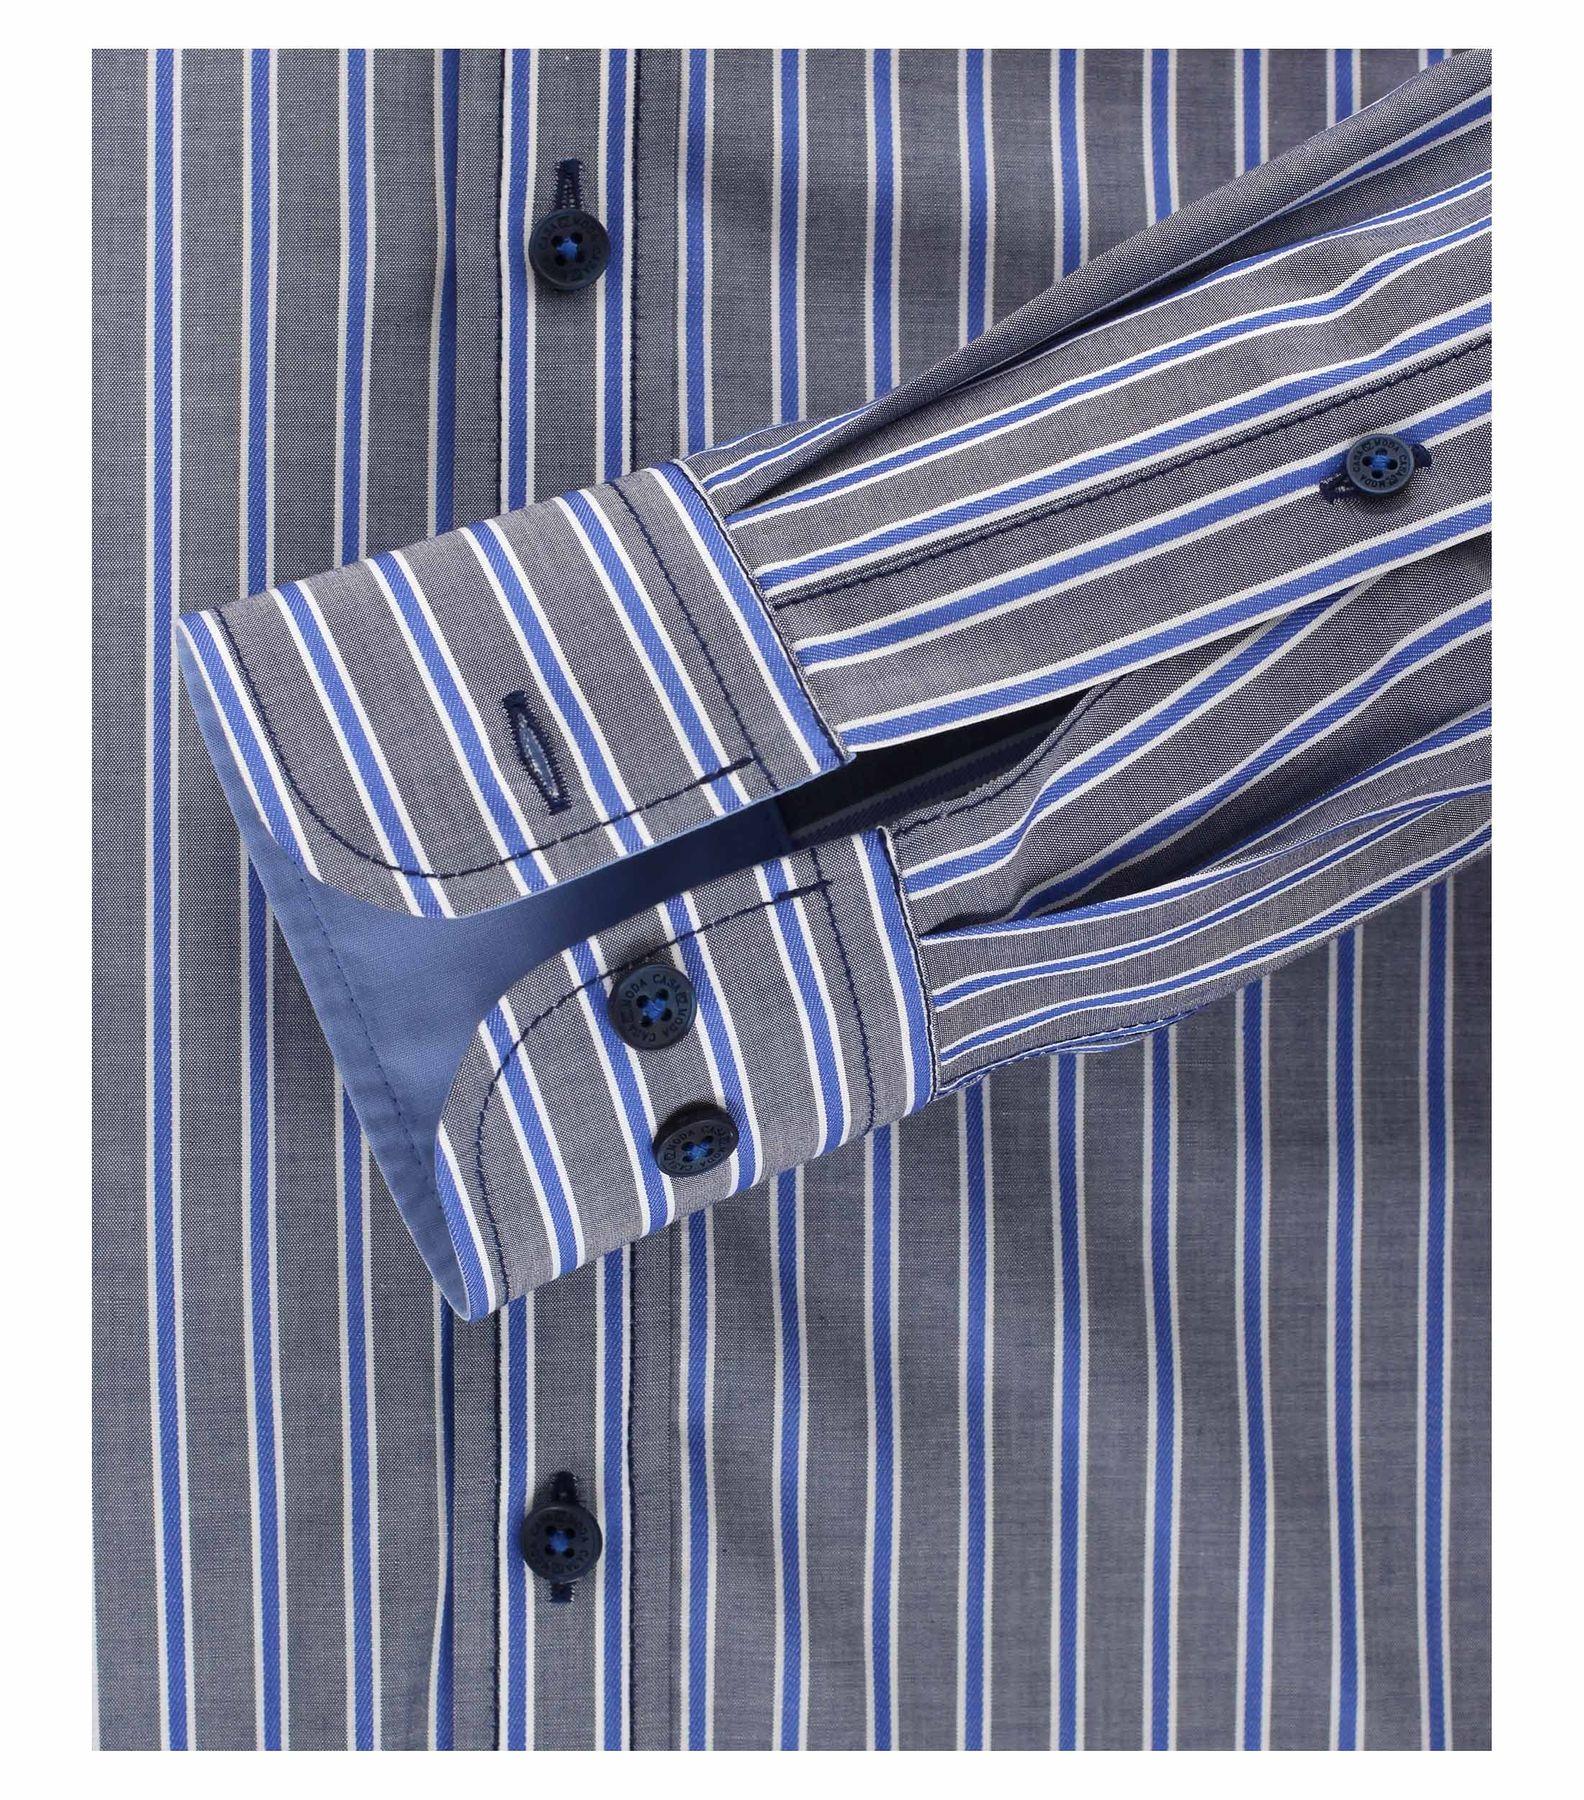 Casa Moda - Casual Fit - Herren Dobby Hemd, gestreift mit Button Down-Kragen in Blau und Rot (472837400A) – Bild 3